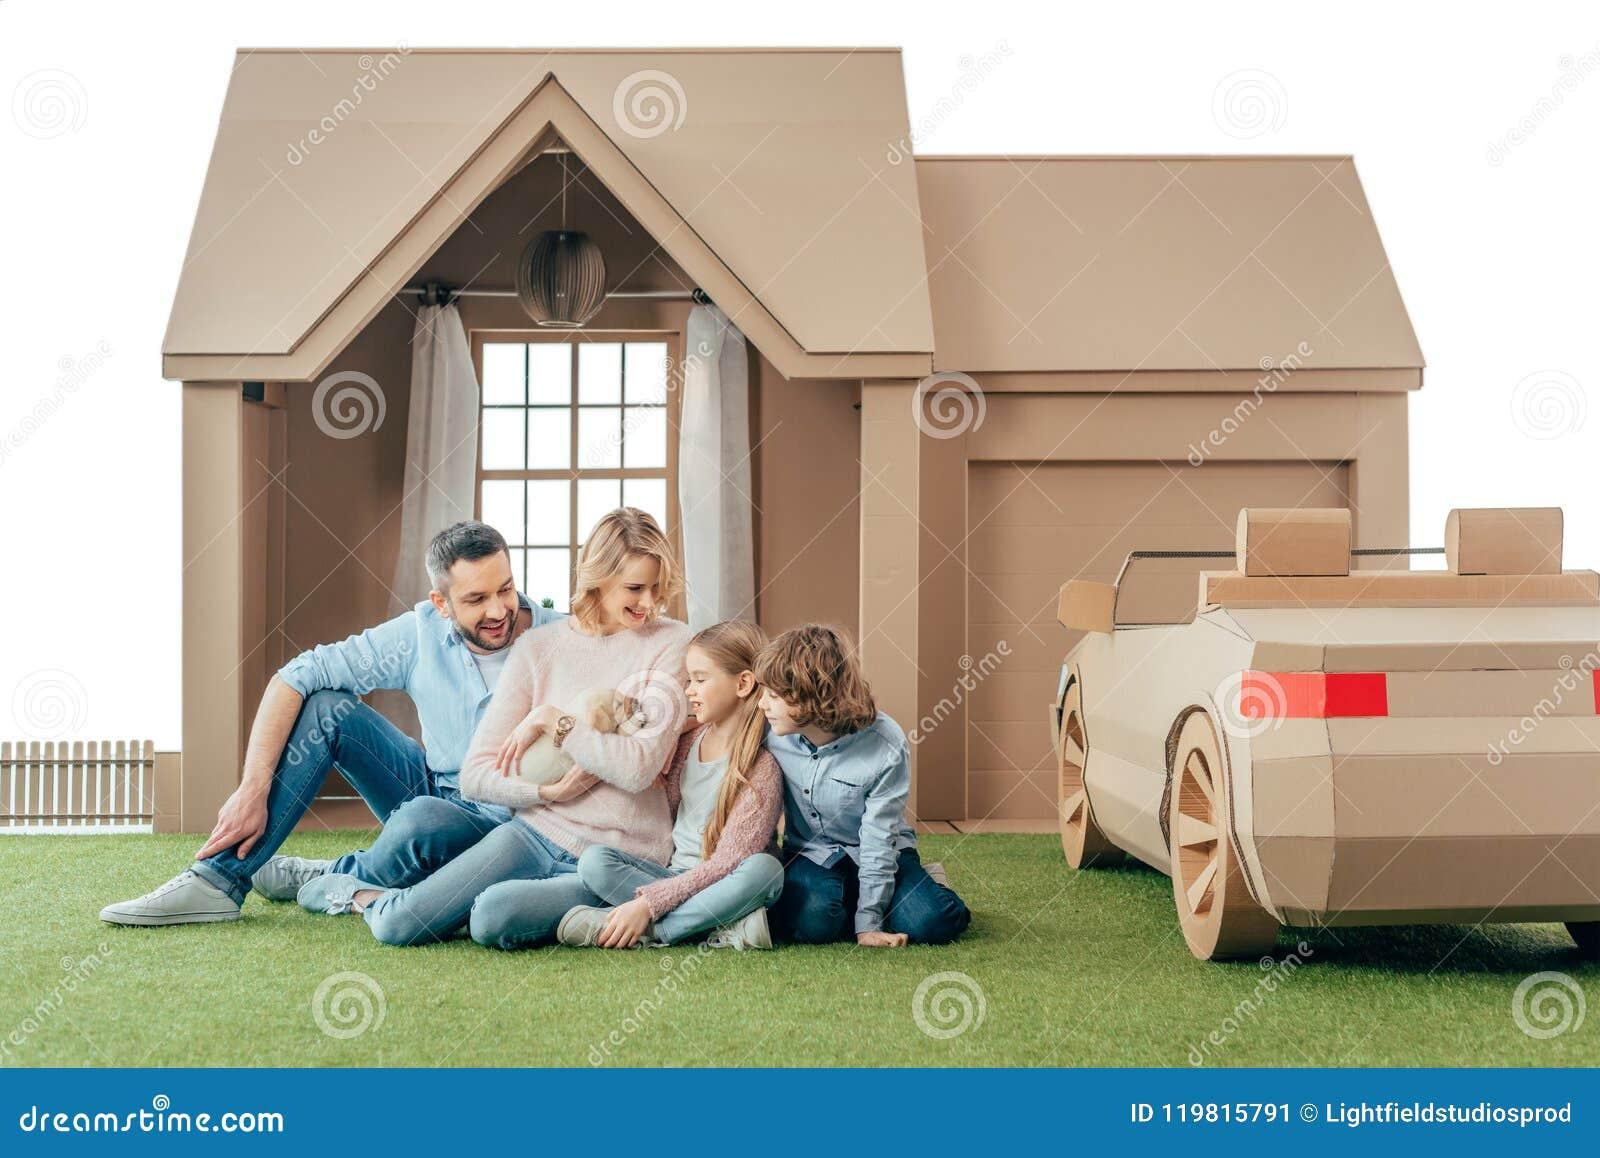 ευτυχής νέα οικογενειακή συνεδρίαση στο ναυπηγείο του σπιτιού χαρτονιού με το κουτάβι τους